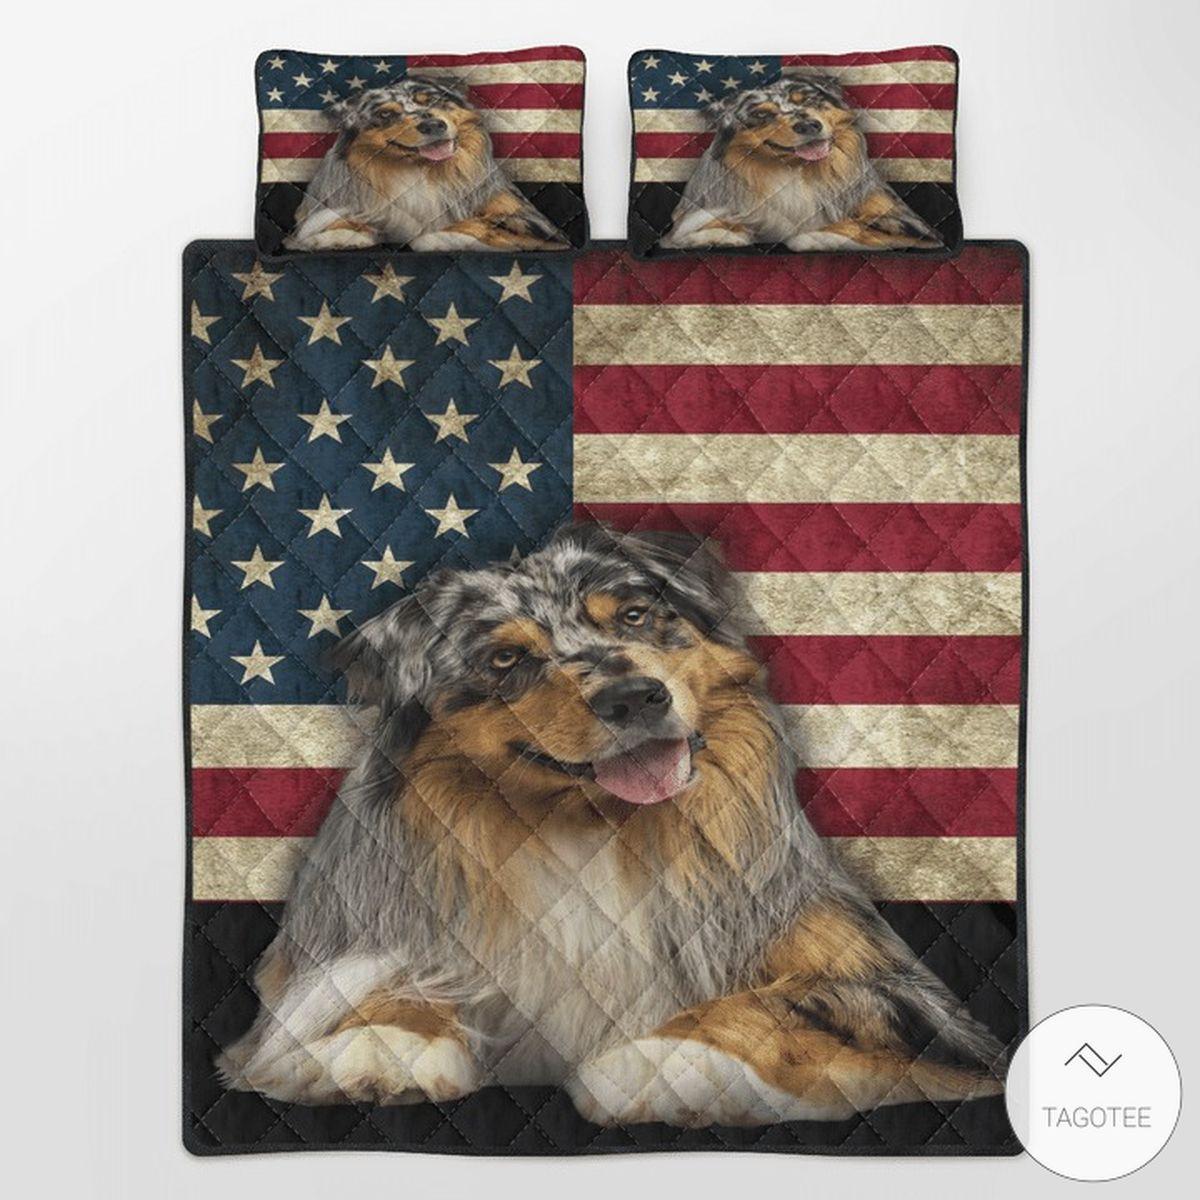 Australian Shepherd American Flag Quilt Bedding Set